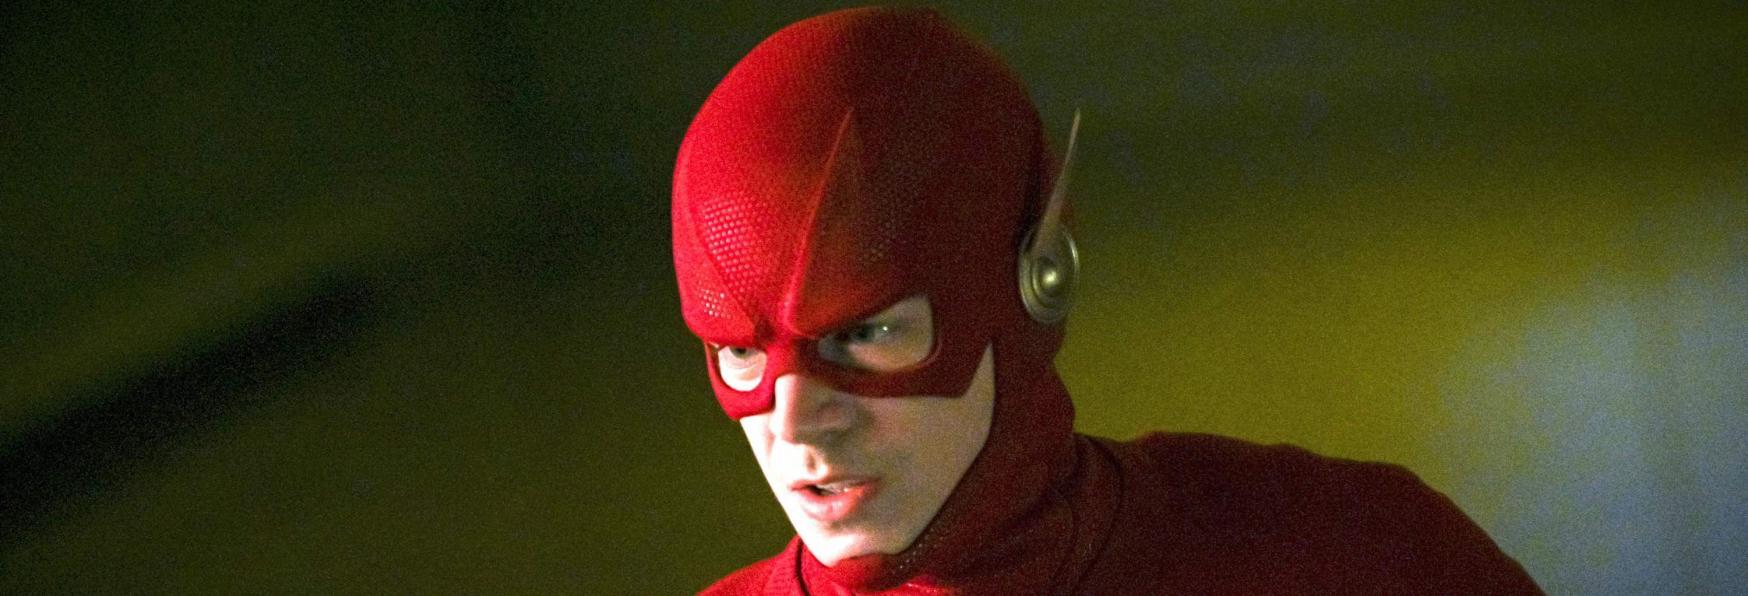 The Flash 7: Rivelato il volto del Villain della prossima Stagione